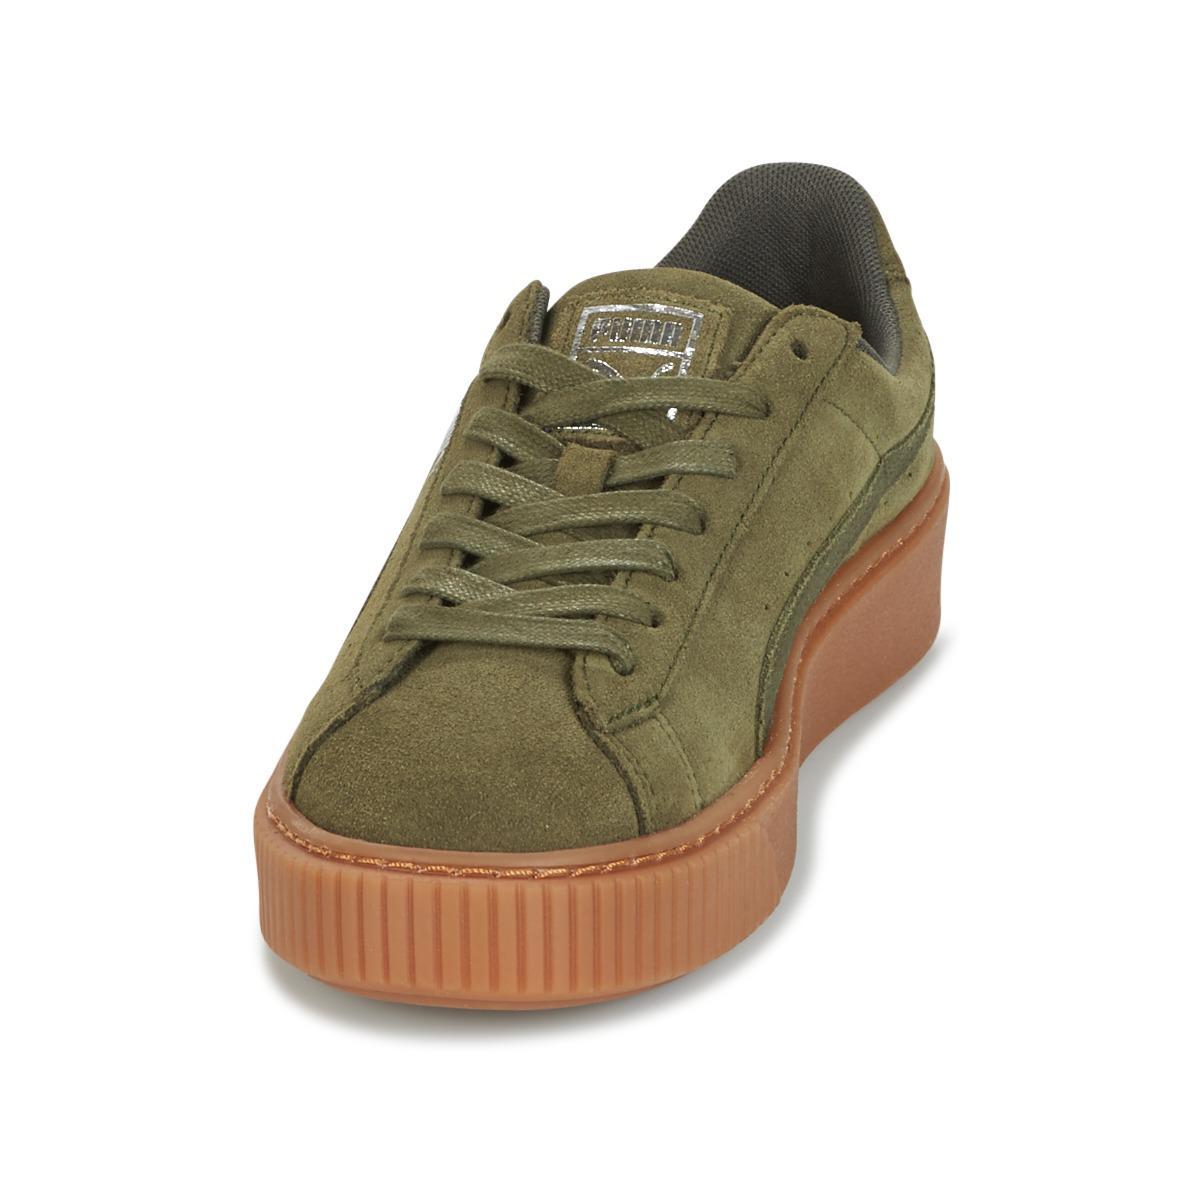 Suede Chaussures Vert Gum Core Coloris En Femmes Puma Platform ZOuTPkwXi